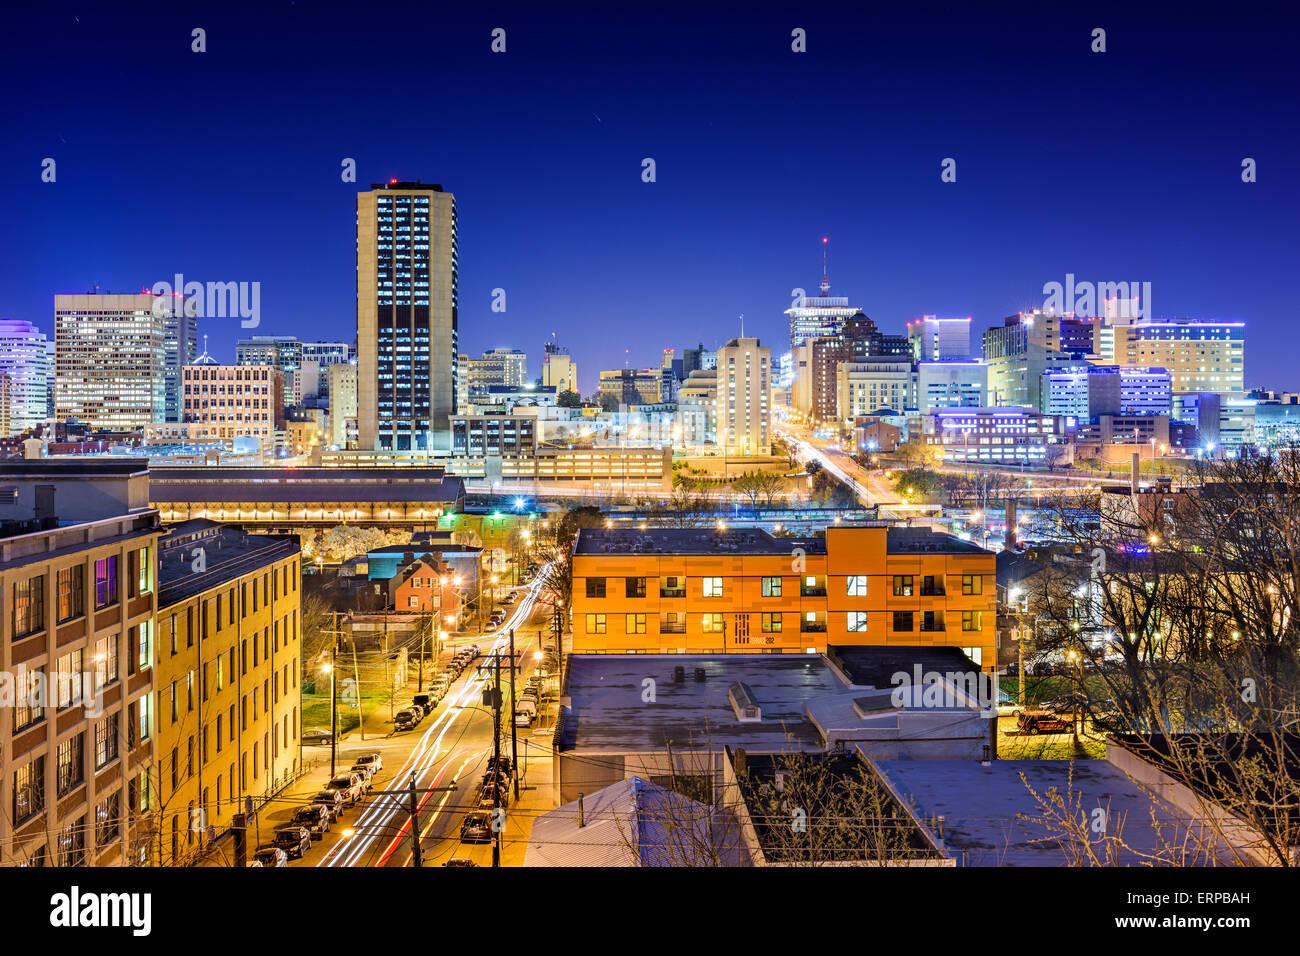 Richmond, Virginia, Estados Unidos, ciudad en la noche. Imagen De Stock